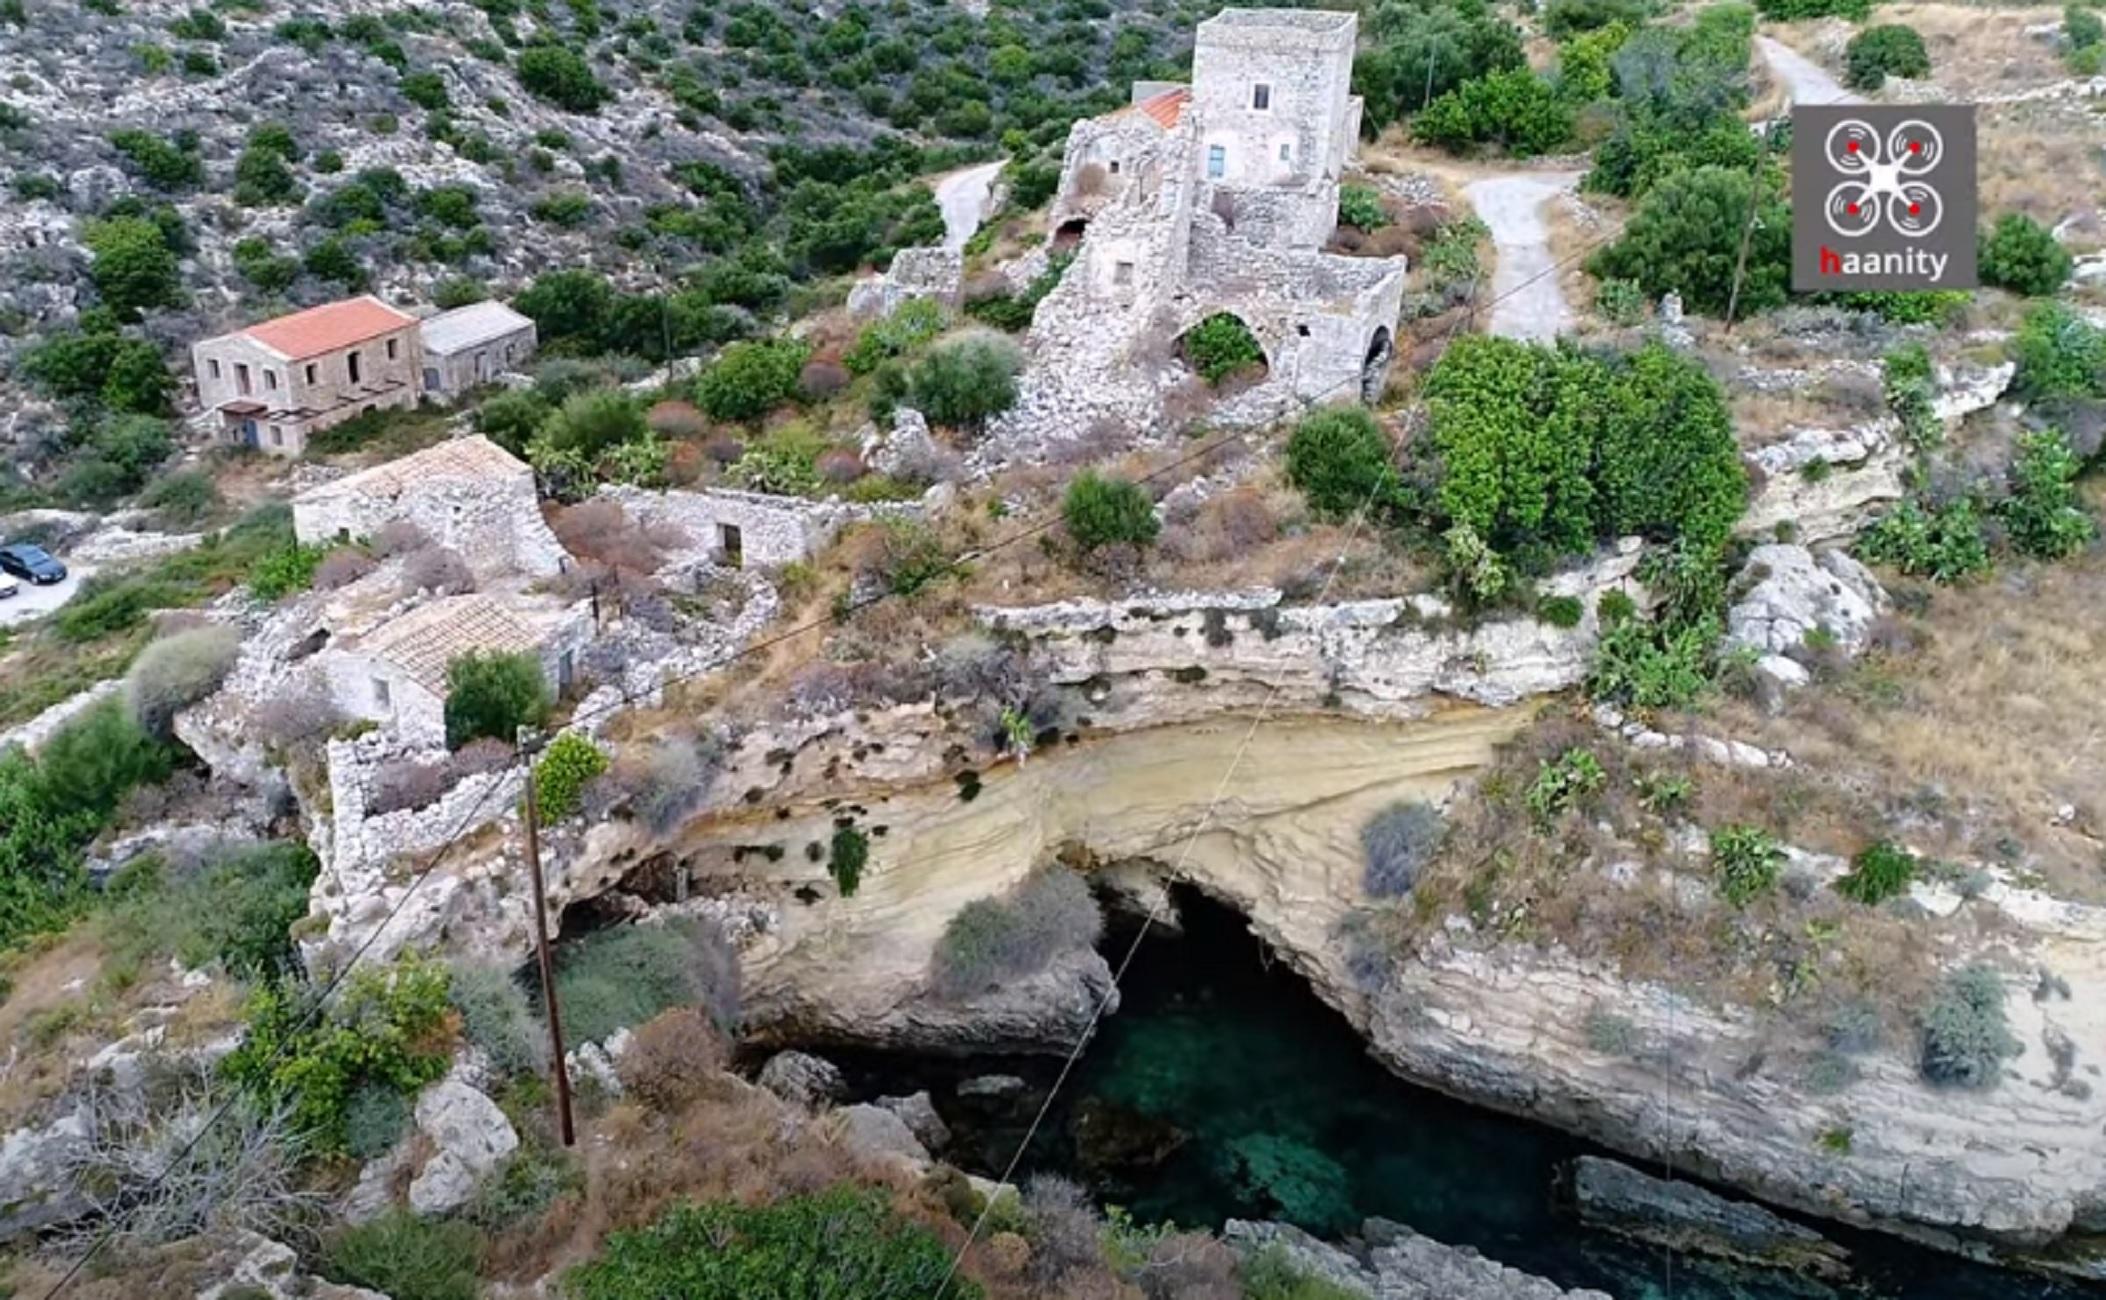 Μάνη: Αυτά είναι τα δαιδαλώδη υπόγεια που έκρυβαν θησαυρούς ανεκτίμητης αξίας του 18ου αιώνα (video)